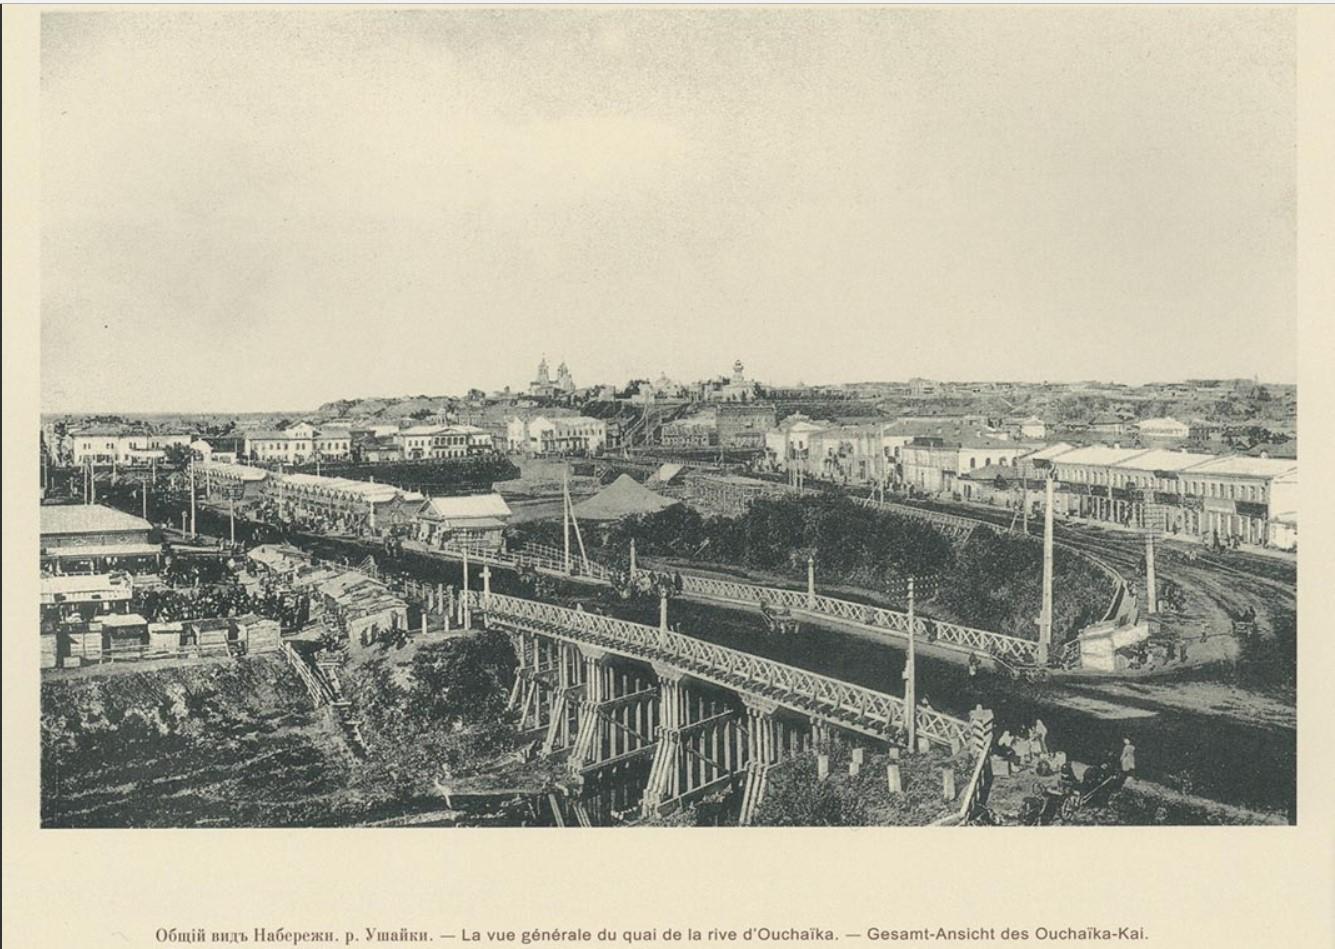 48. Общий вид Набережной реки Ушайки